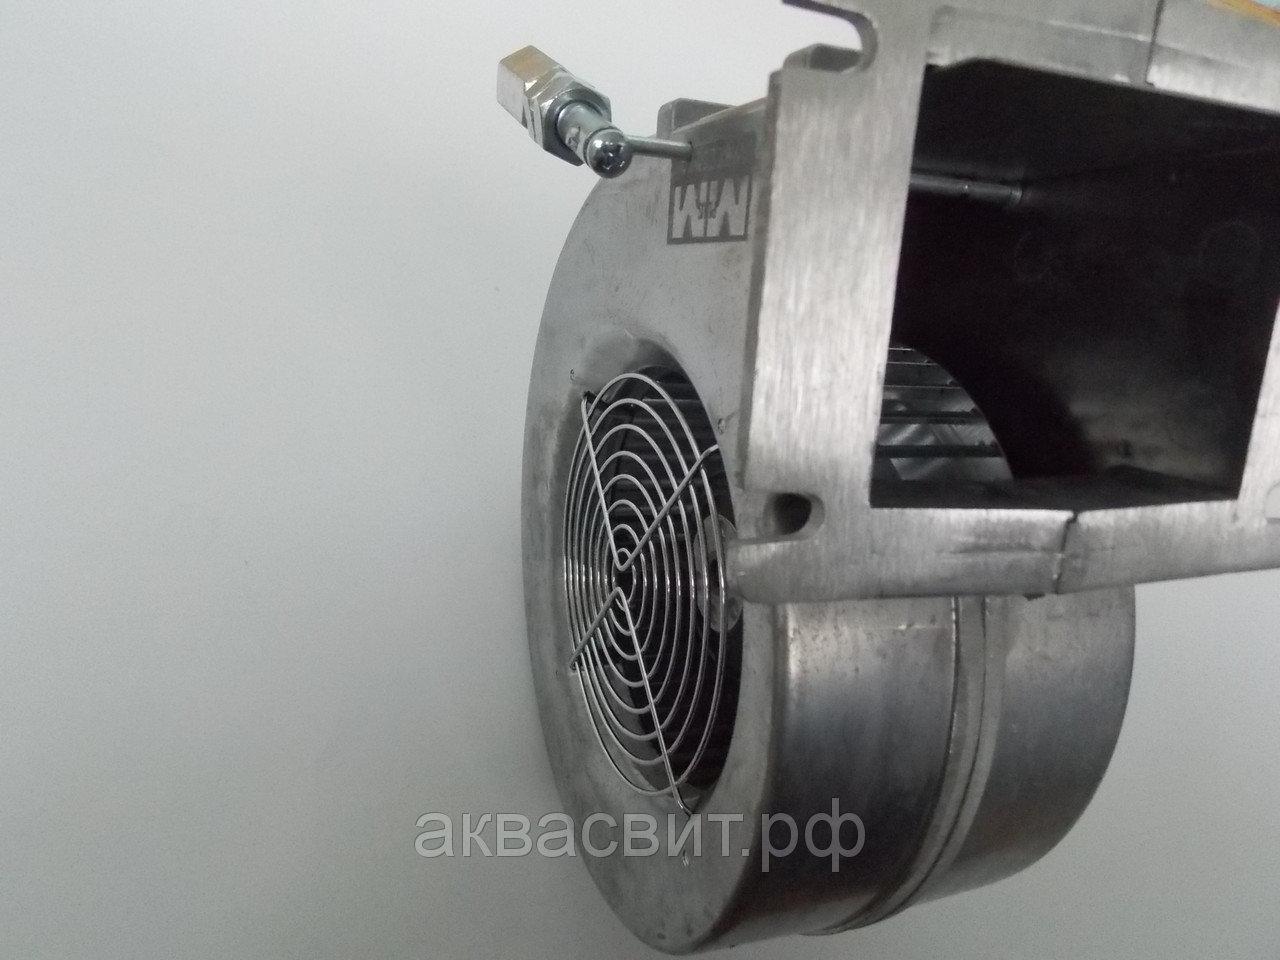 Современный вентилятор для вашего котла